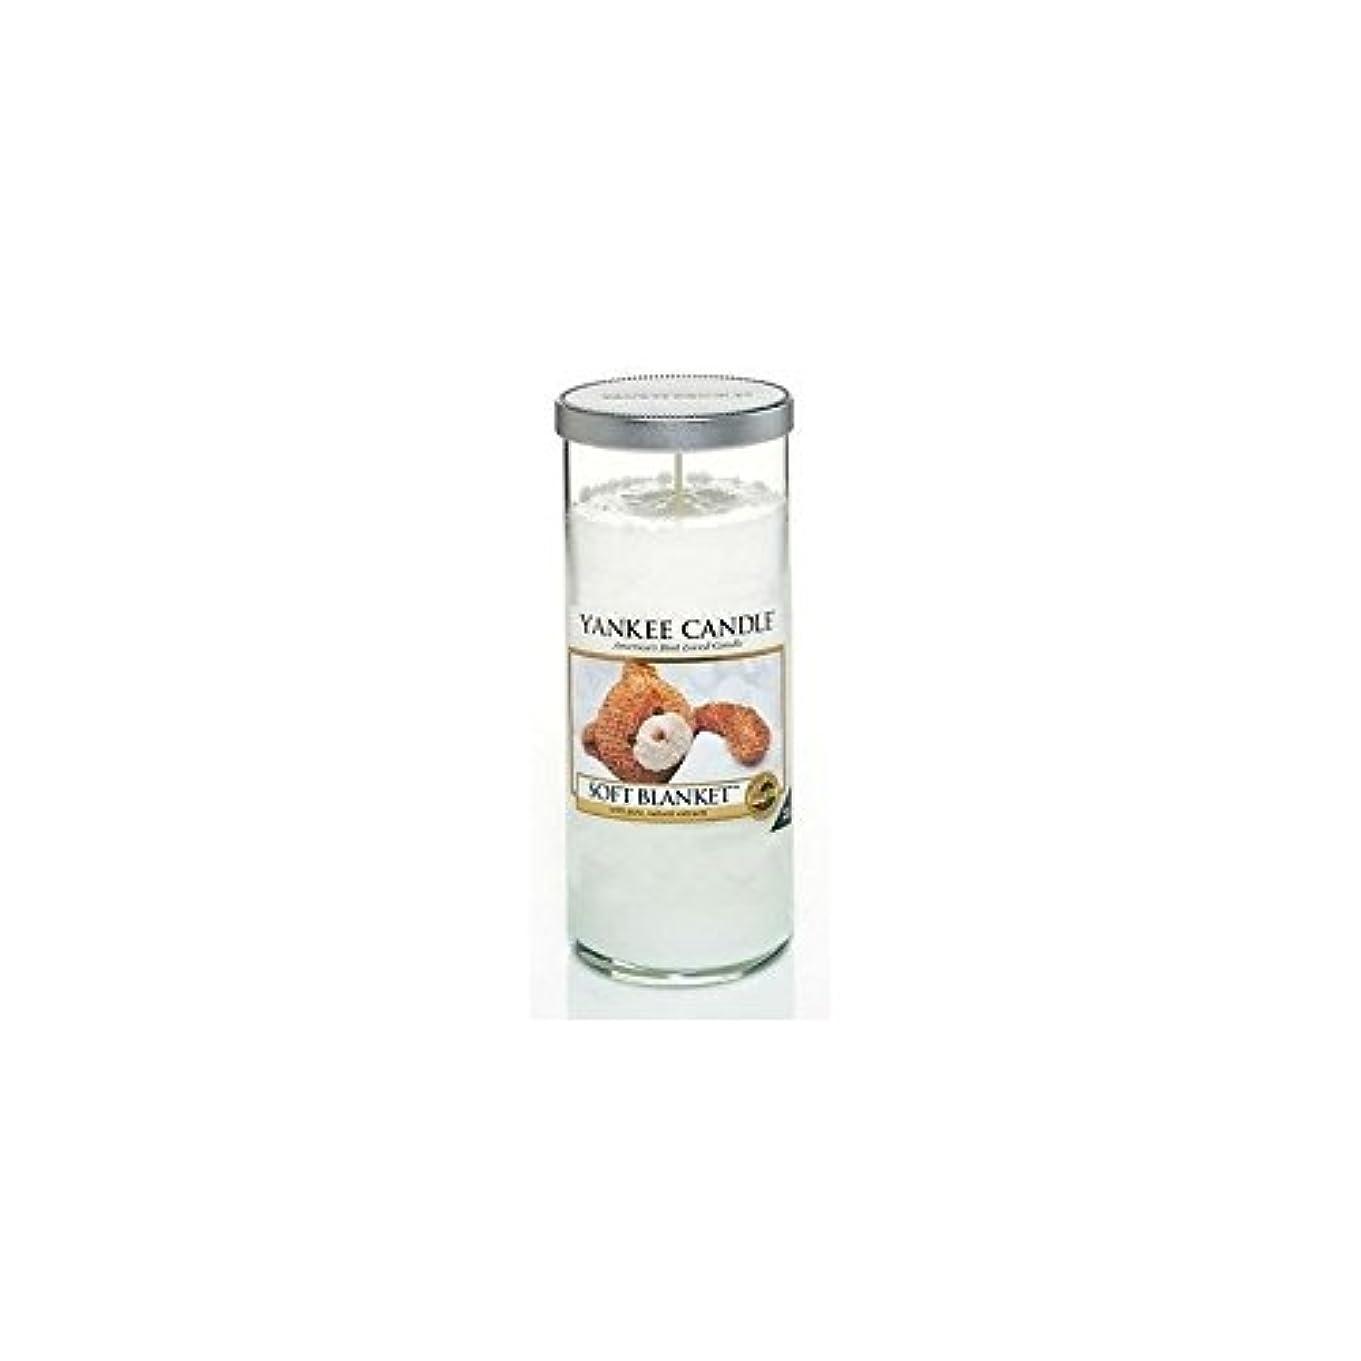 プレゼン取り囲む忌まわしいYankee Candles Large Pillar Candle - Soft Blanket (Pack of 2) - ヤンキーキャンドル大きな柱キャンドル - ソフト毛布 (x2) [並行輸入品]